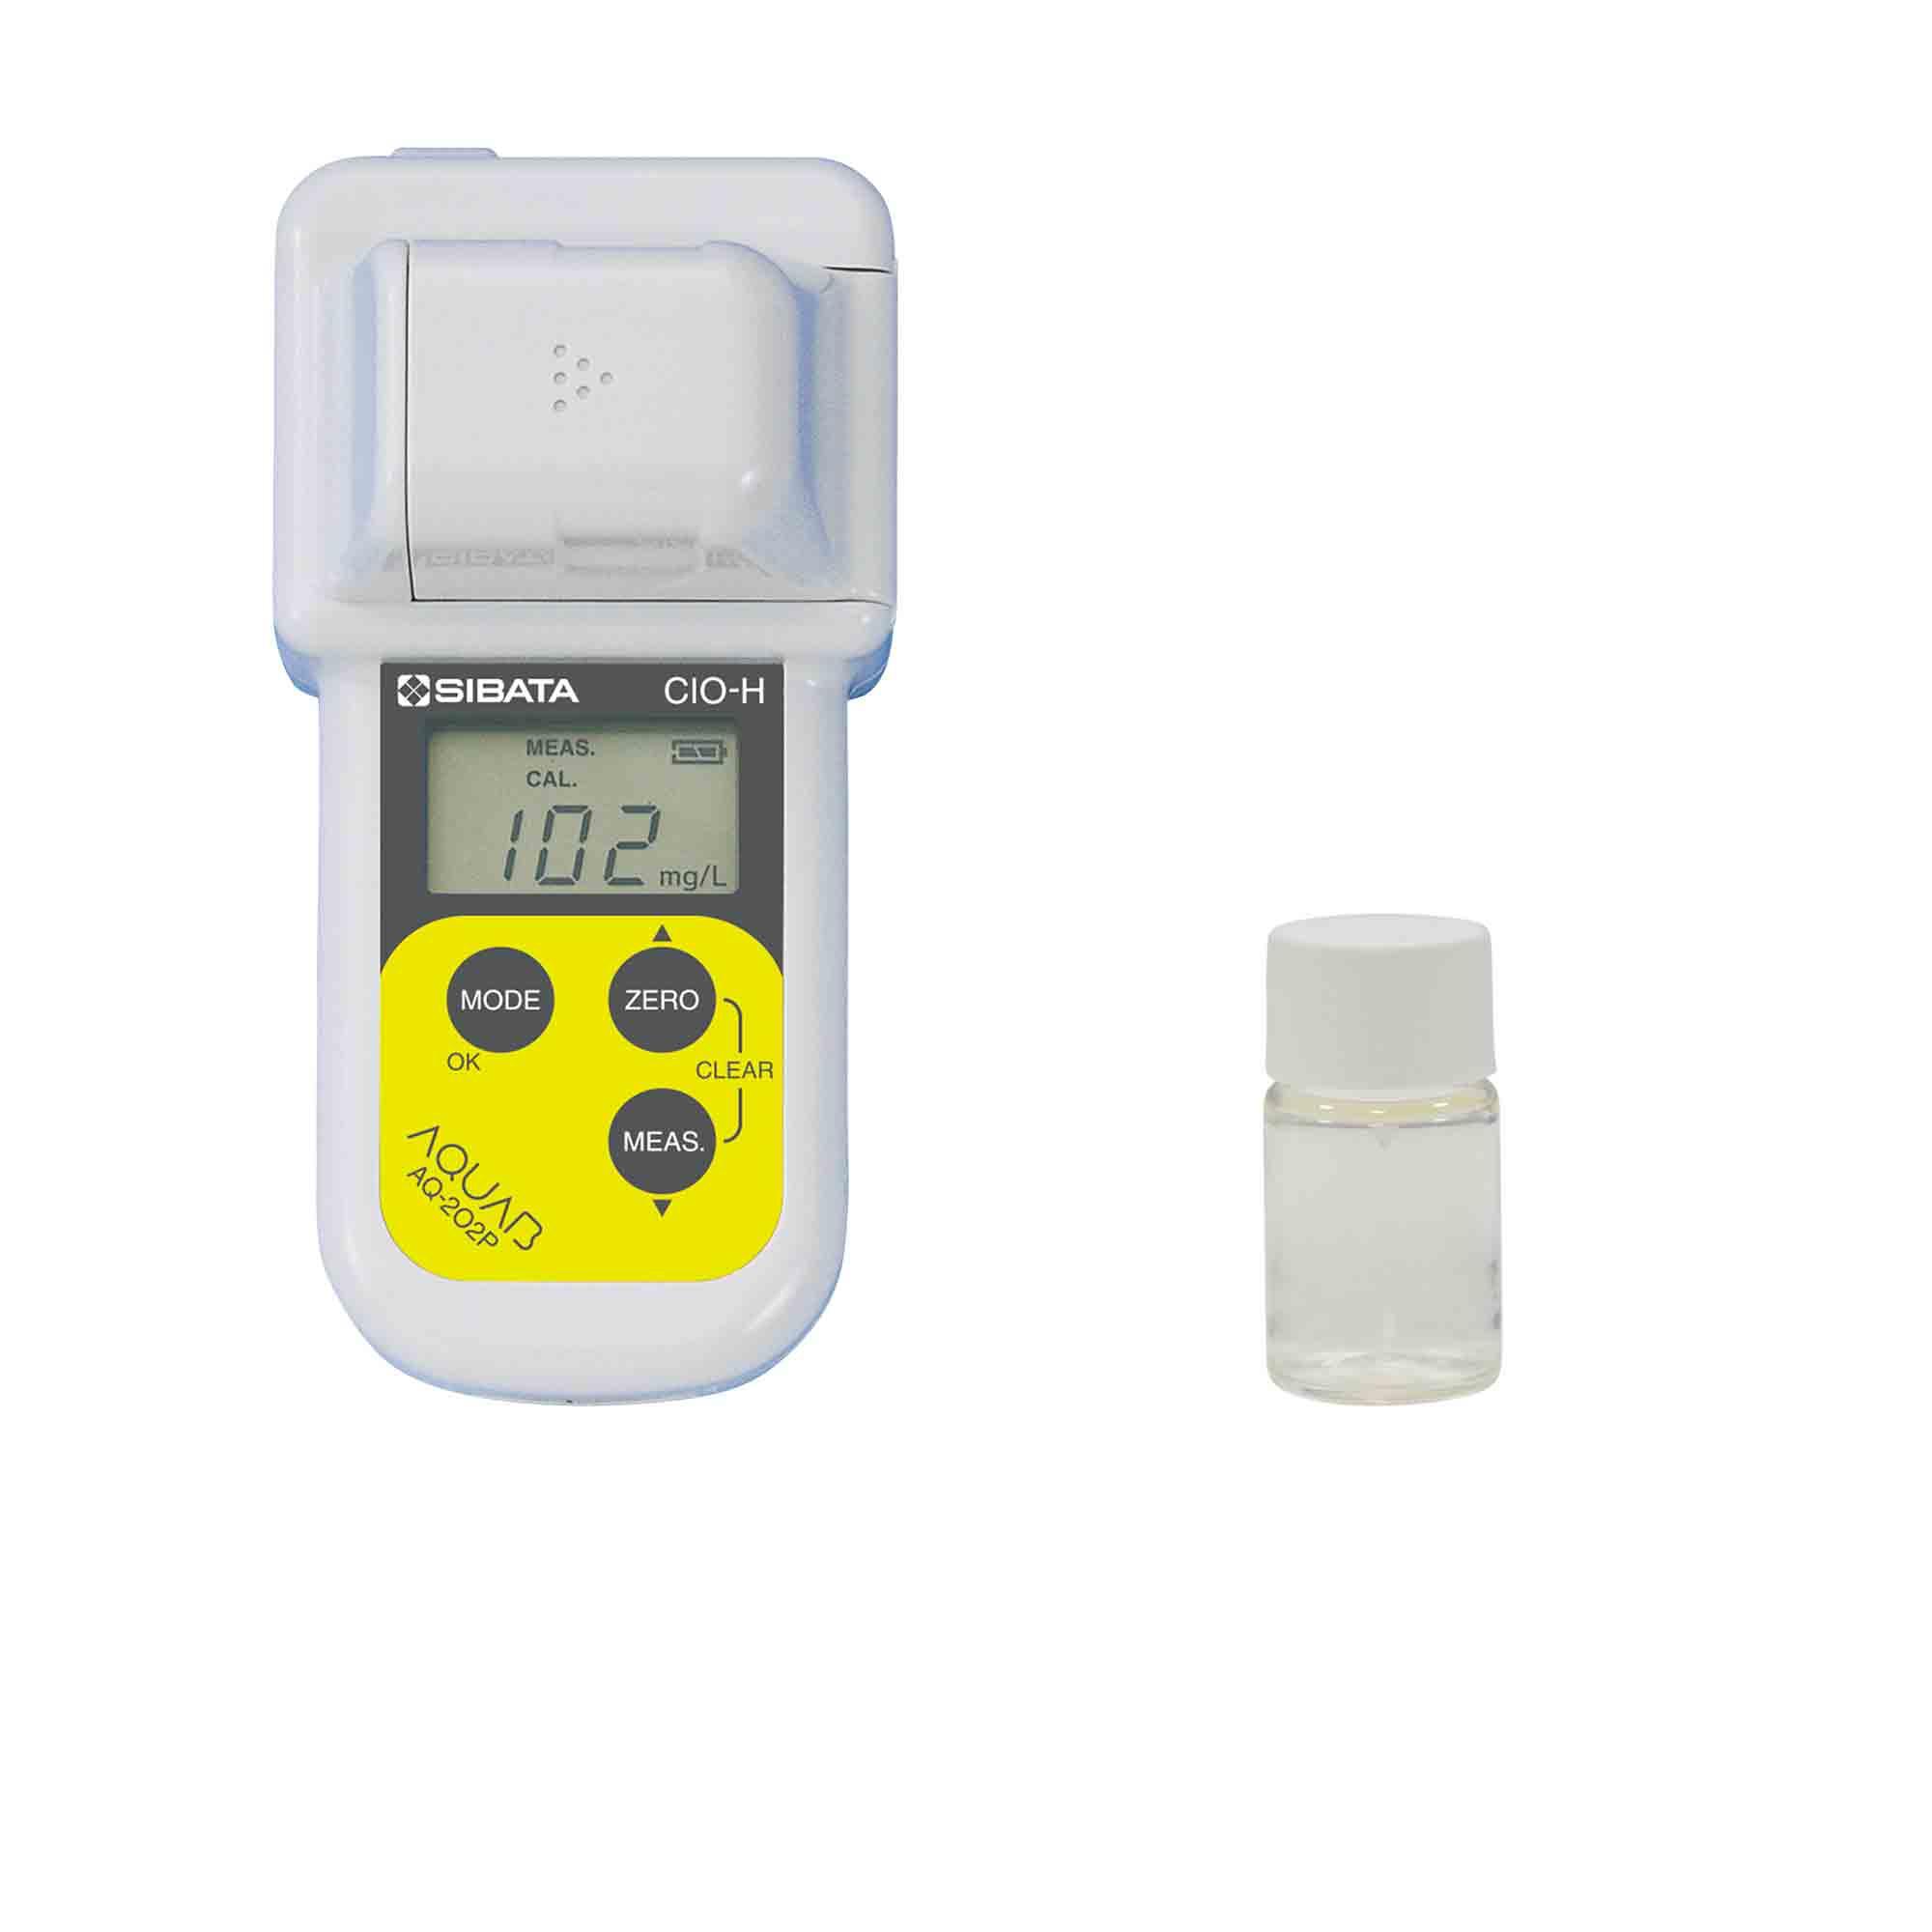 有効塩素濃度測定キット(食品衛生管理対策用) AQ-202P型 試薬付